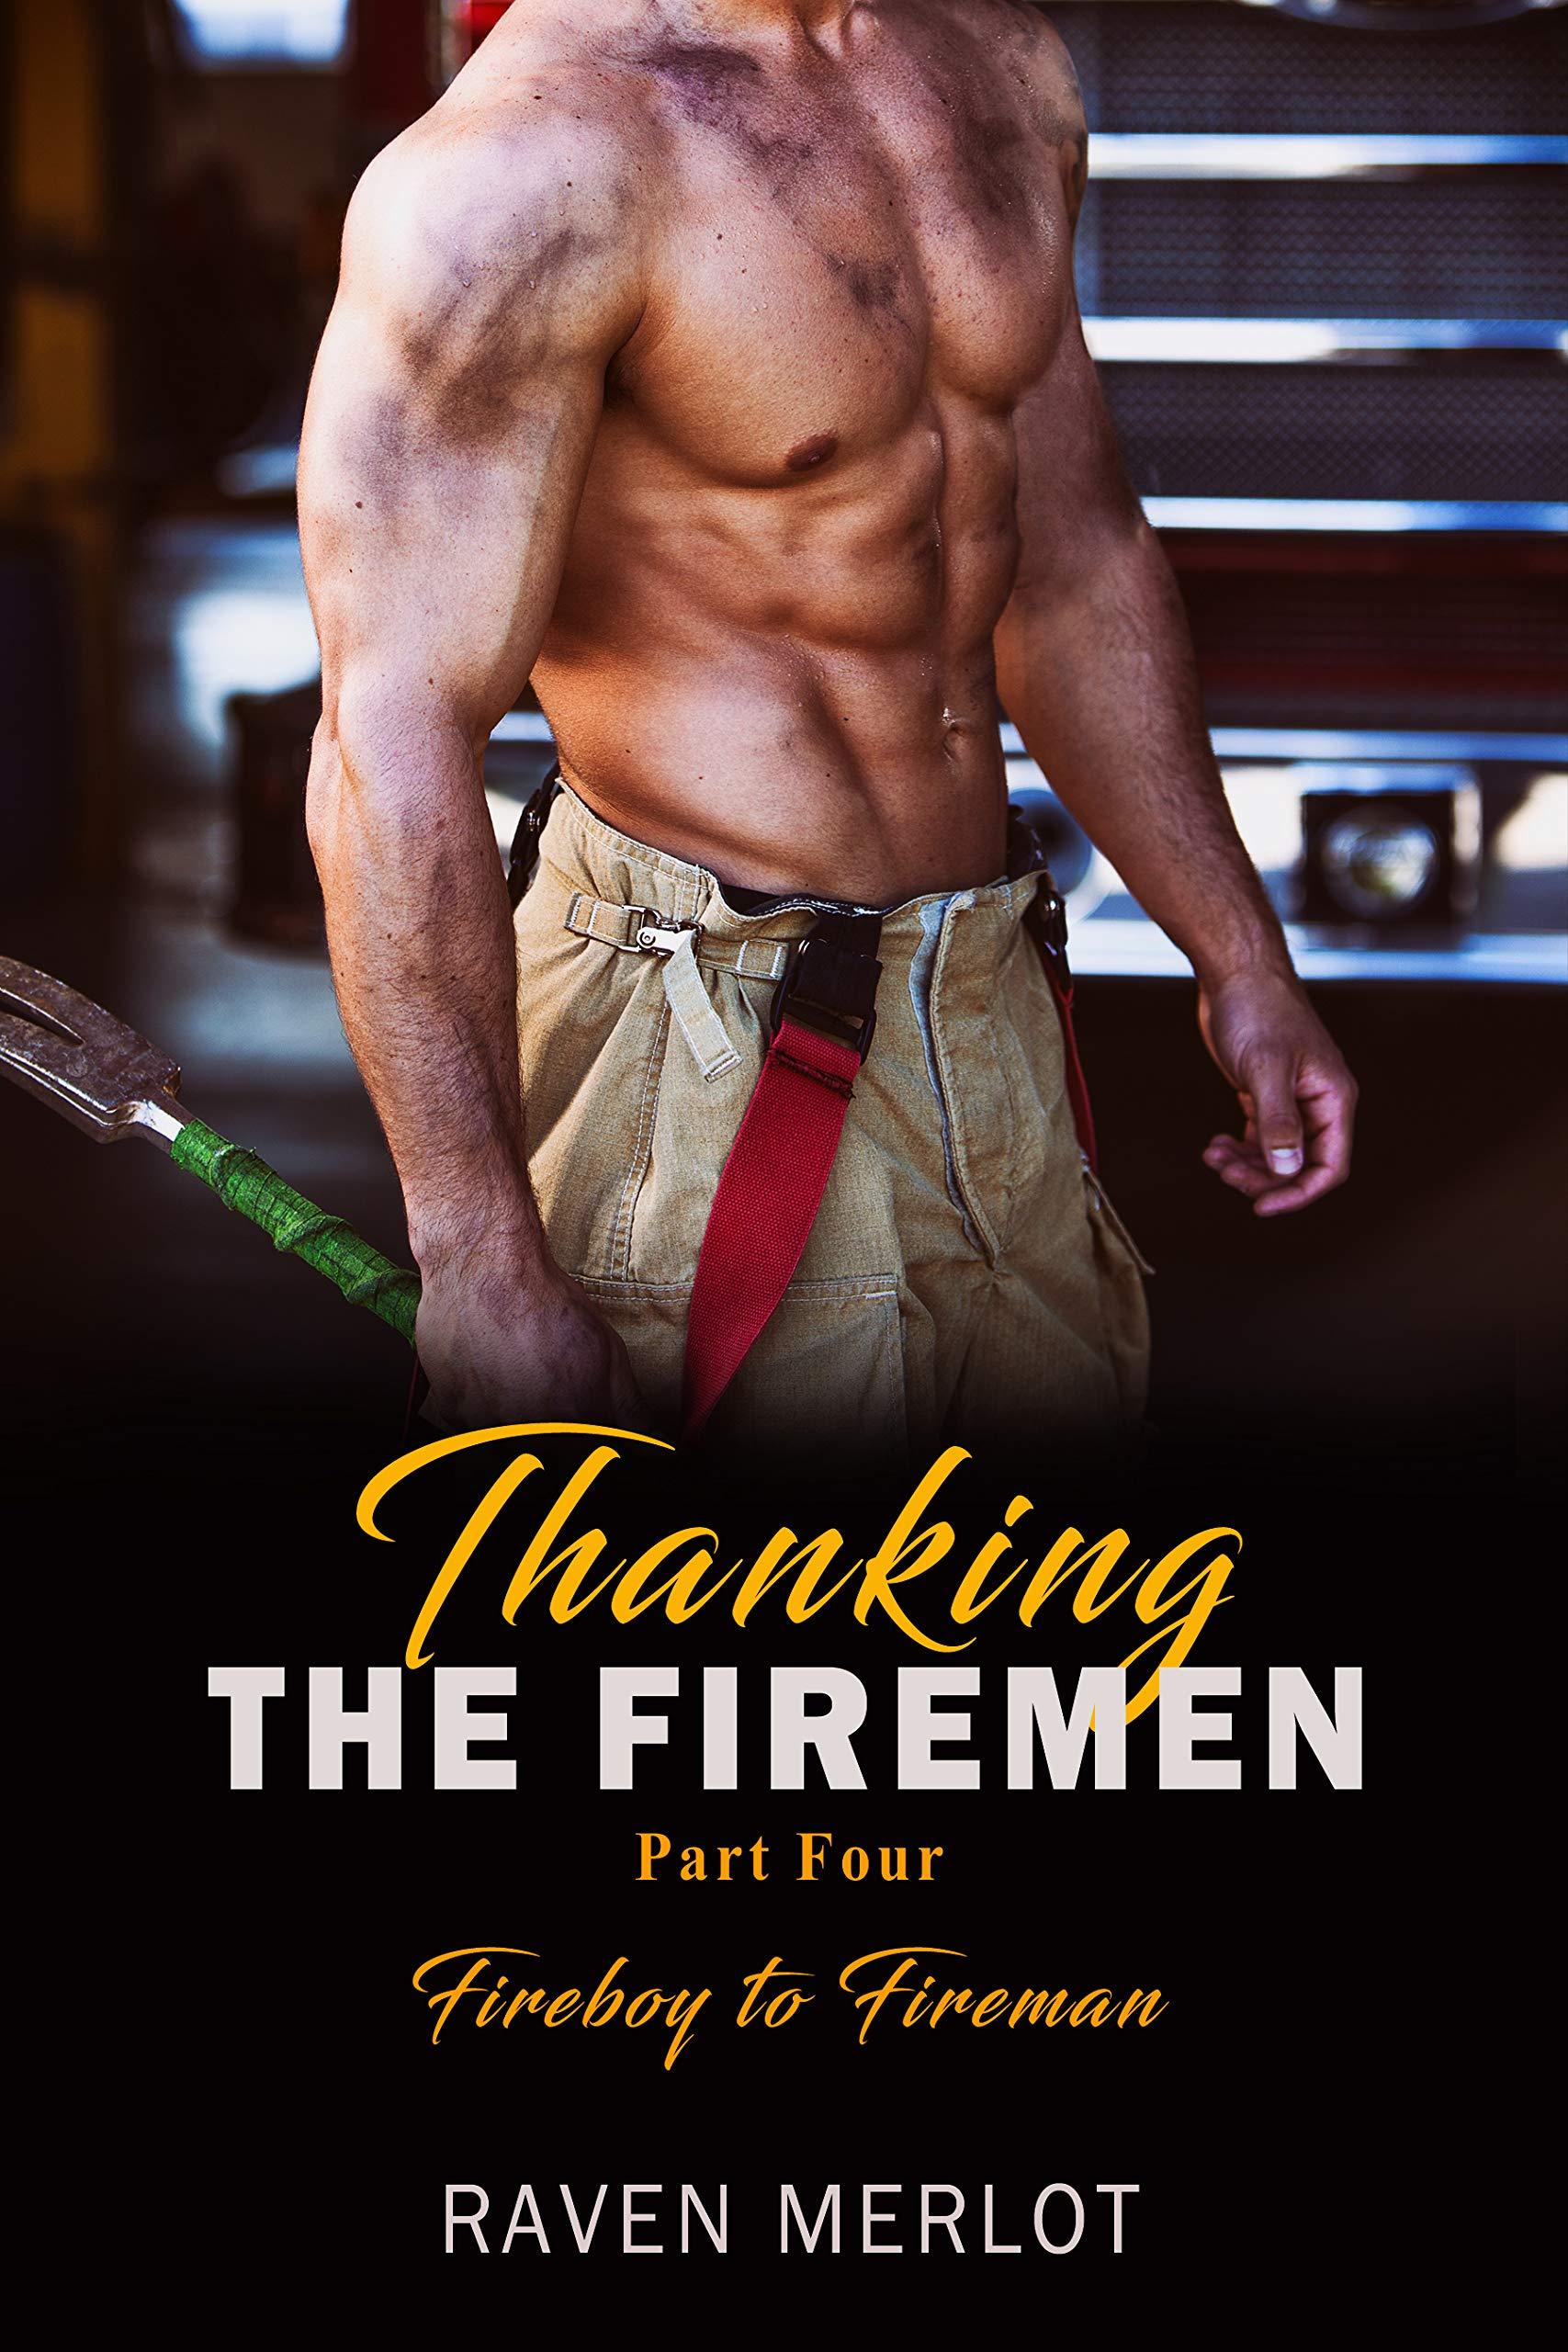 Thanking the Firemen Part Four: Fireboy to Fireman